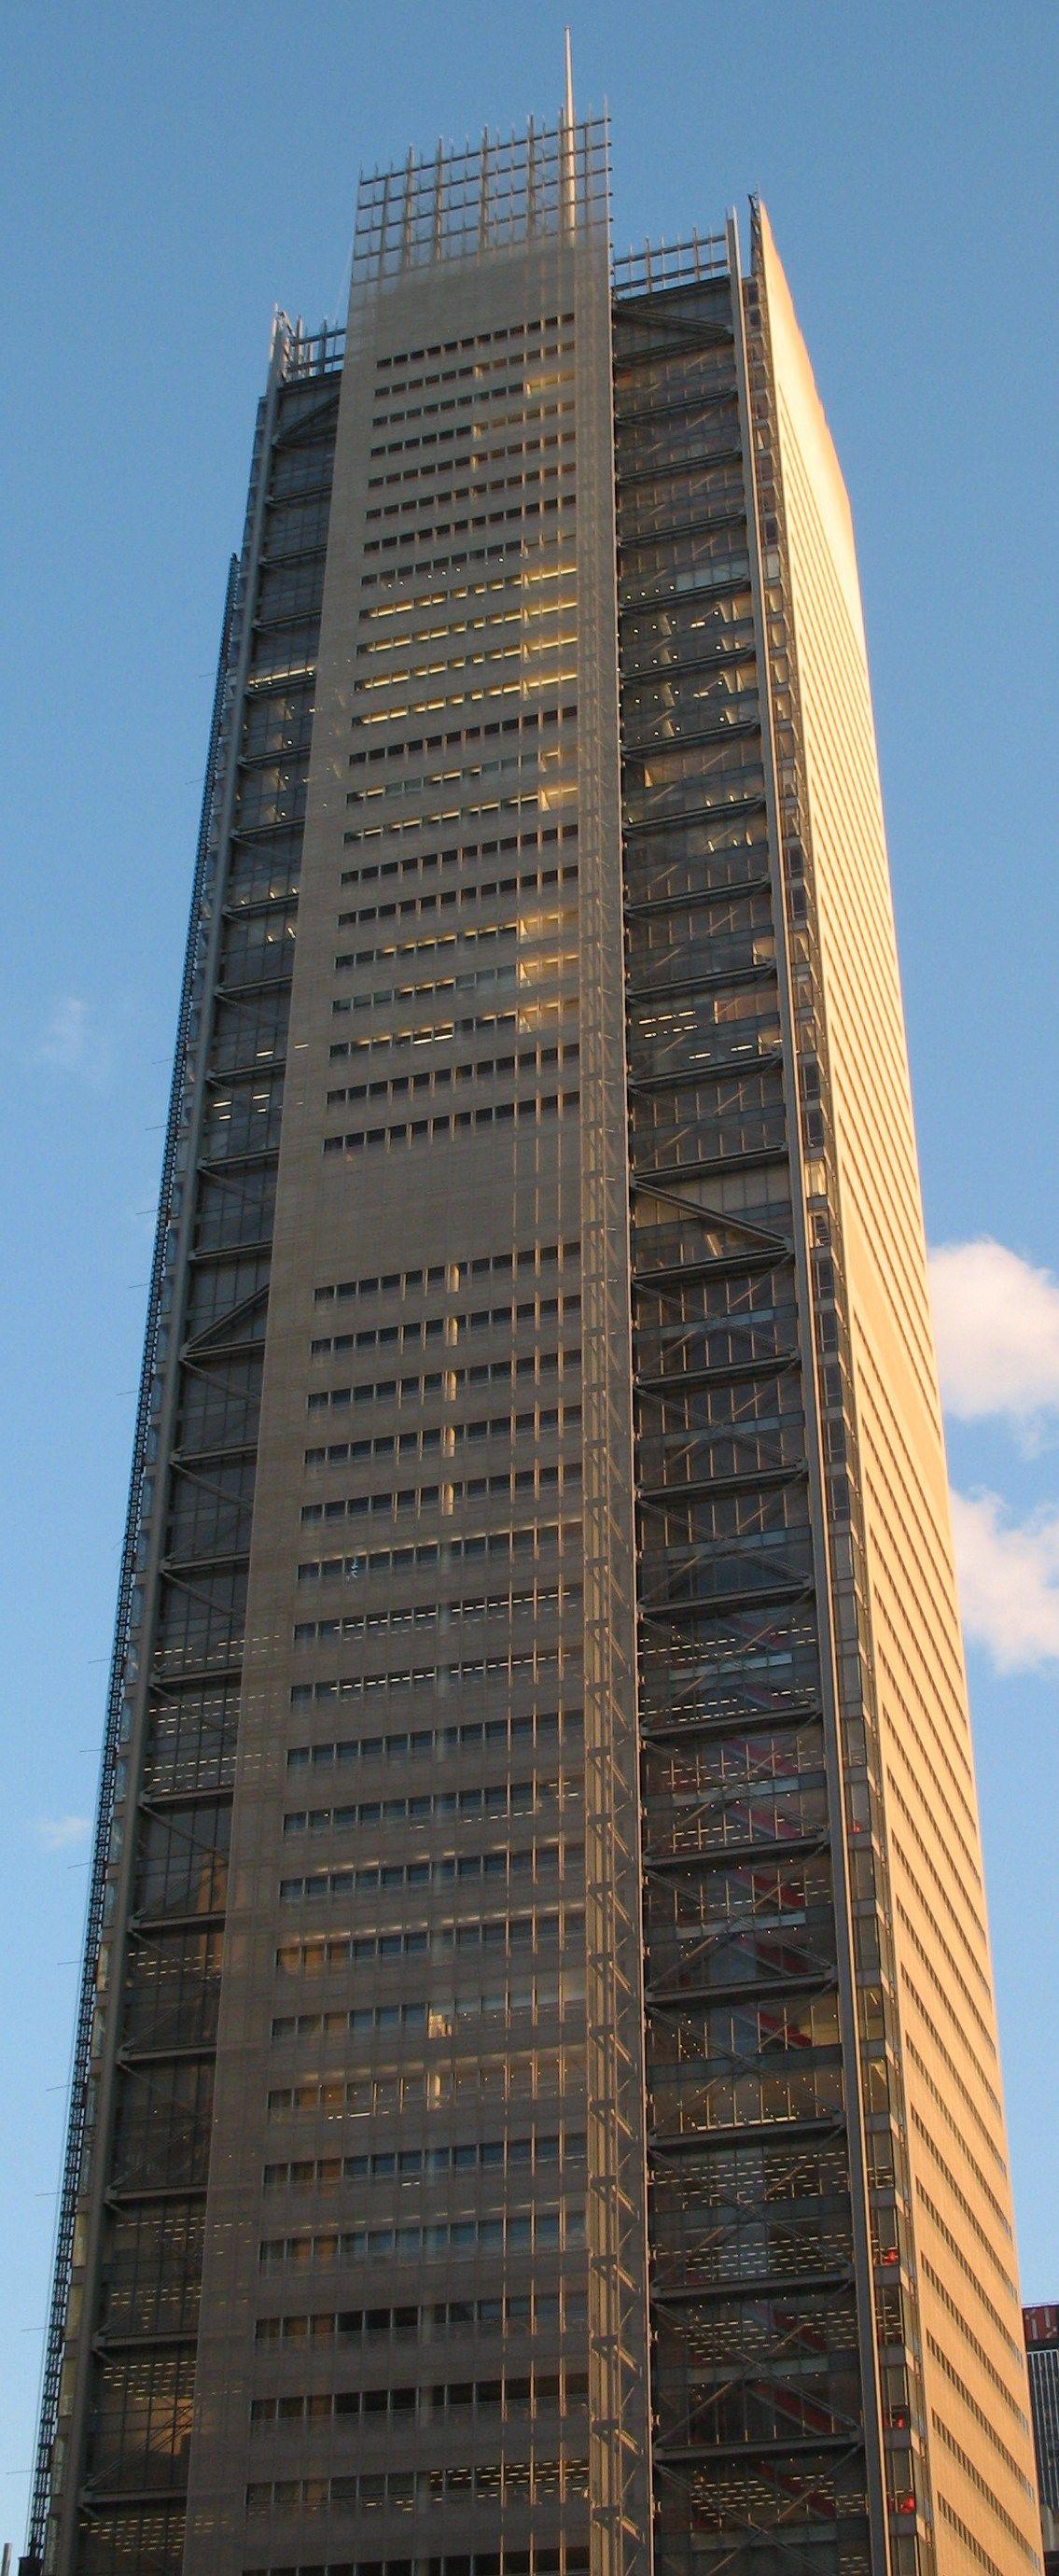 New York Times Building New York Times Building Amazing Buildings